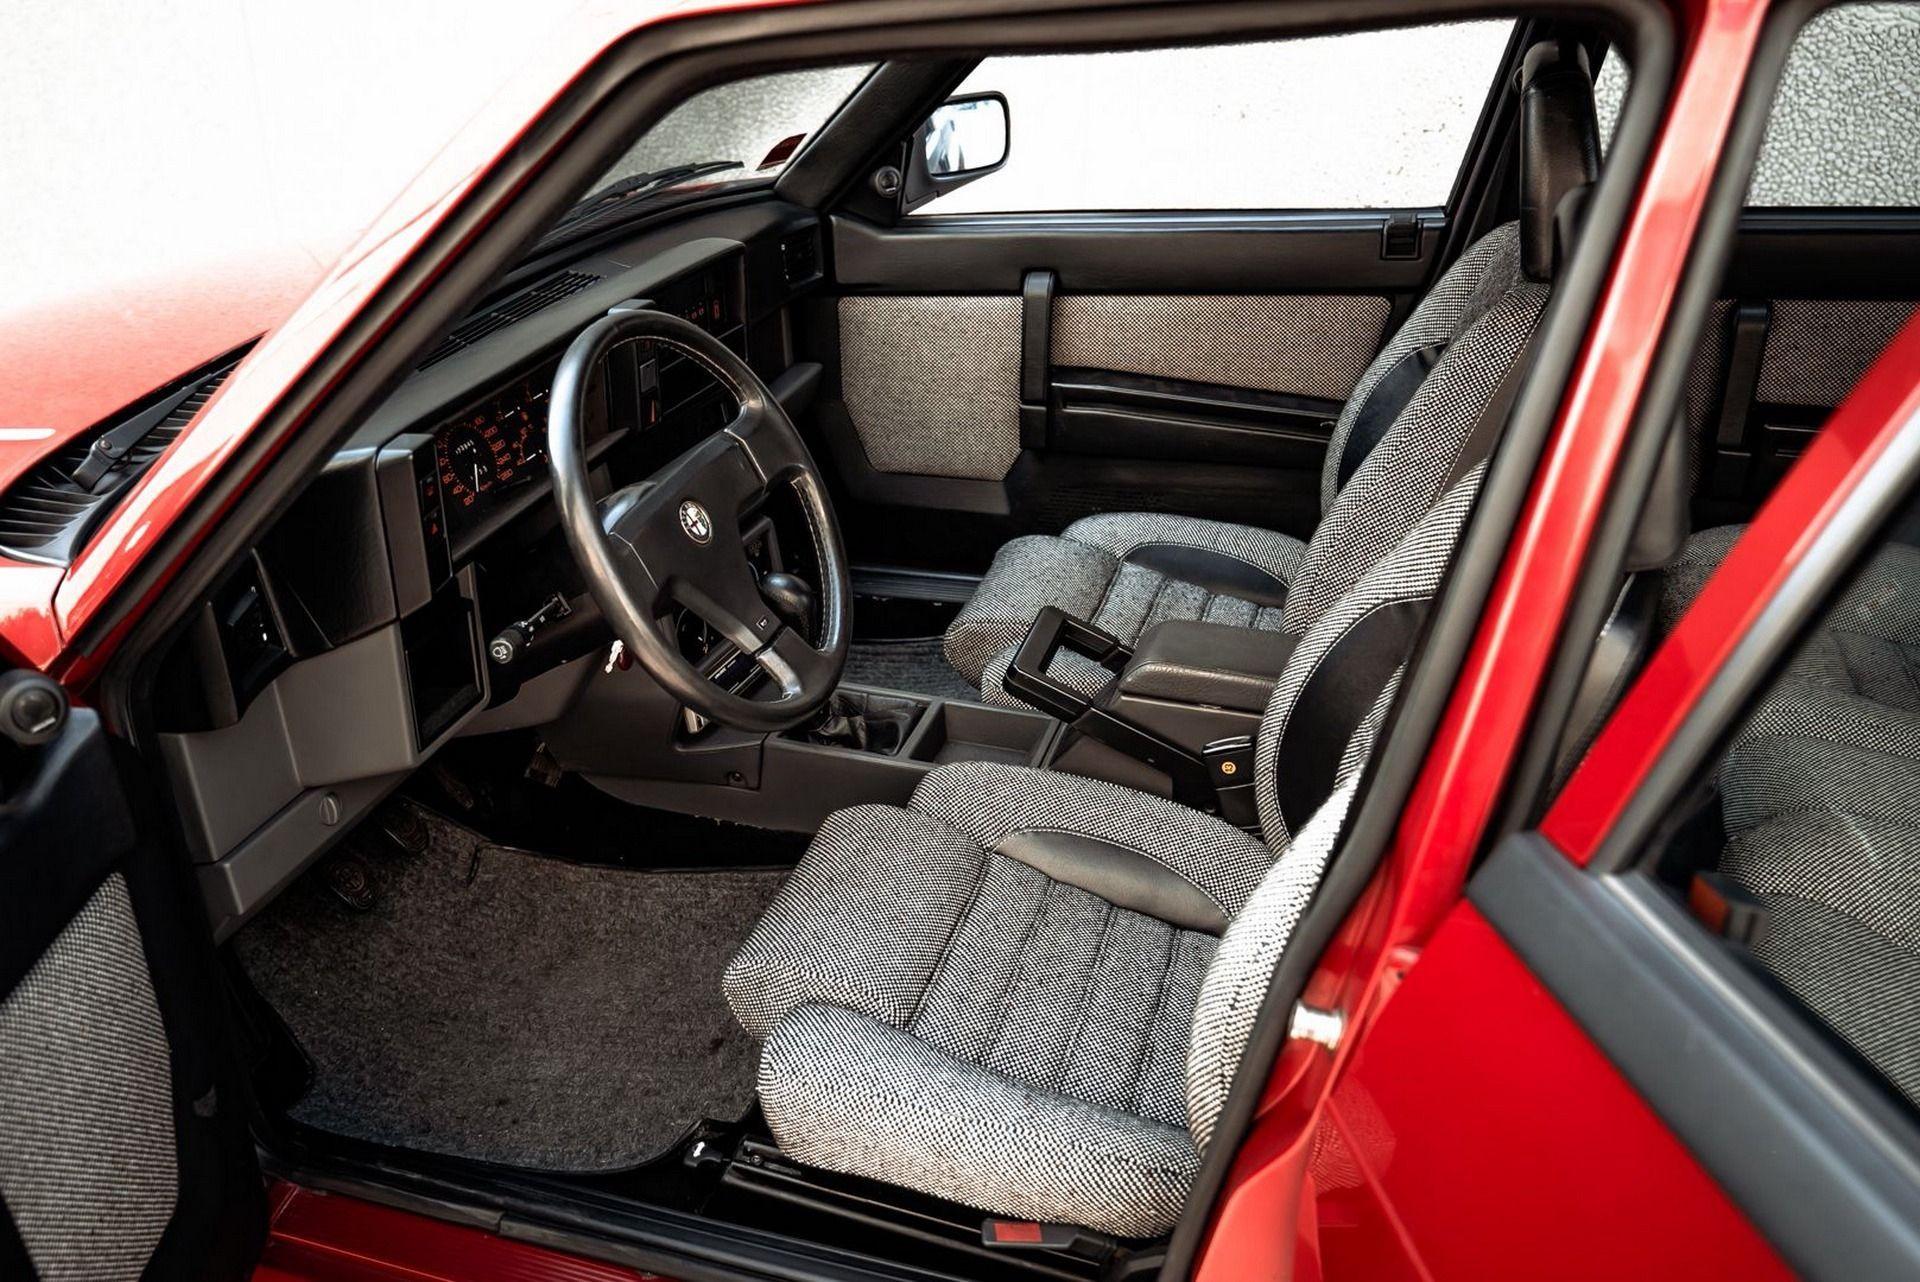 1987_Alfa_Romeo_75_Turbo_Evoluzione_sale-0037